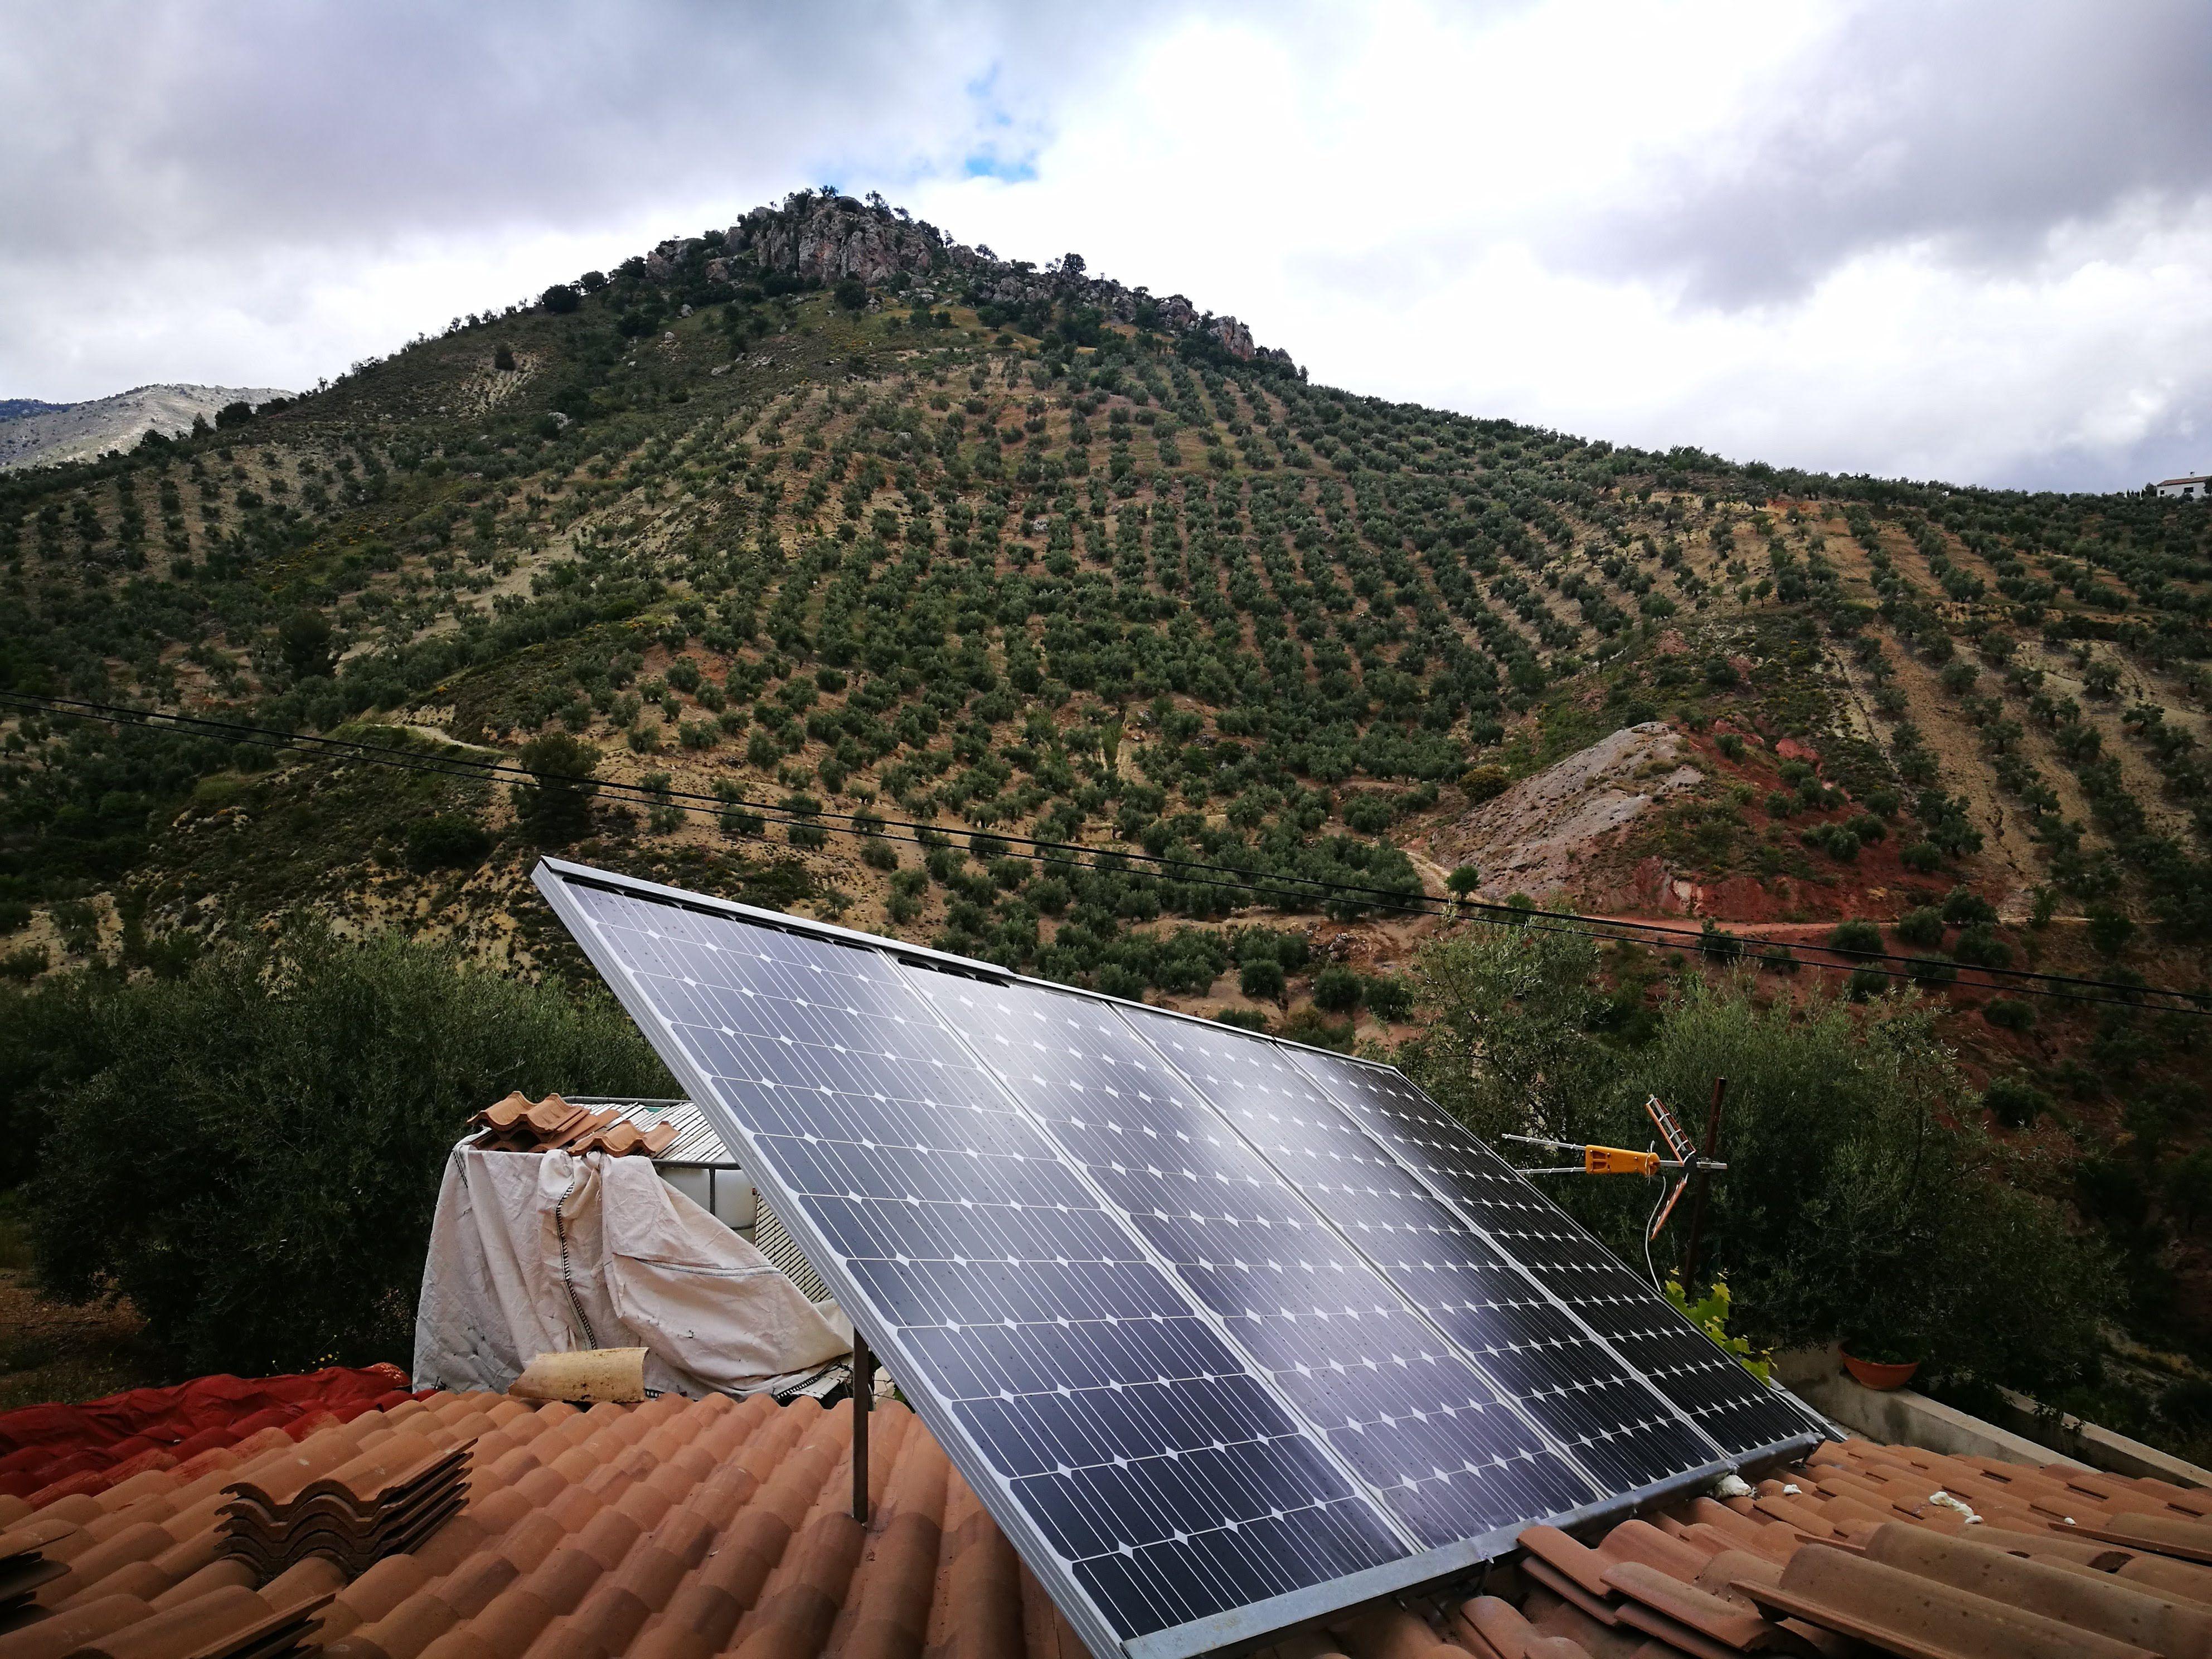 Energía solar térmica y fotovoltaica en Huelma, Jaén